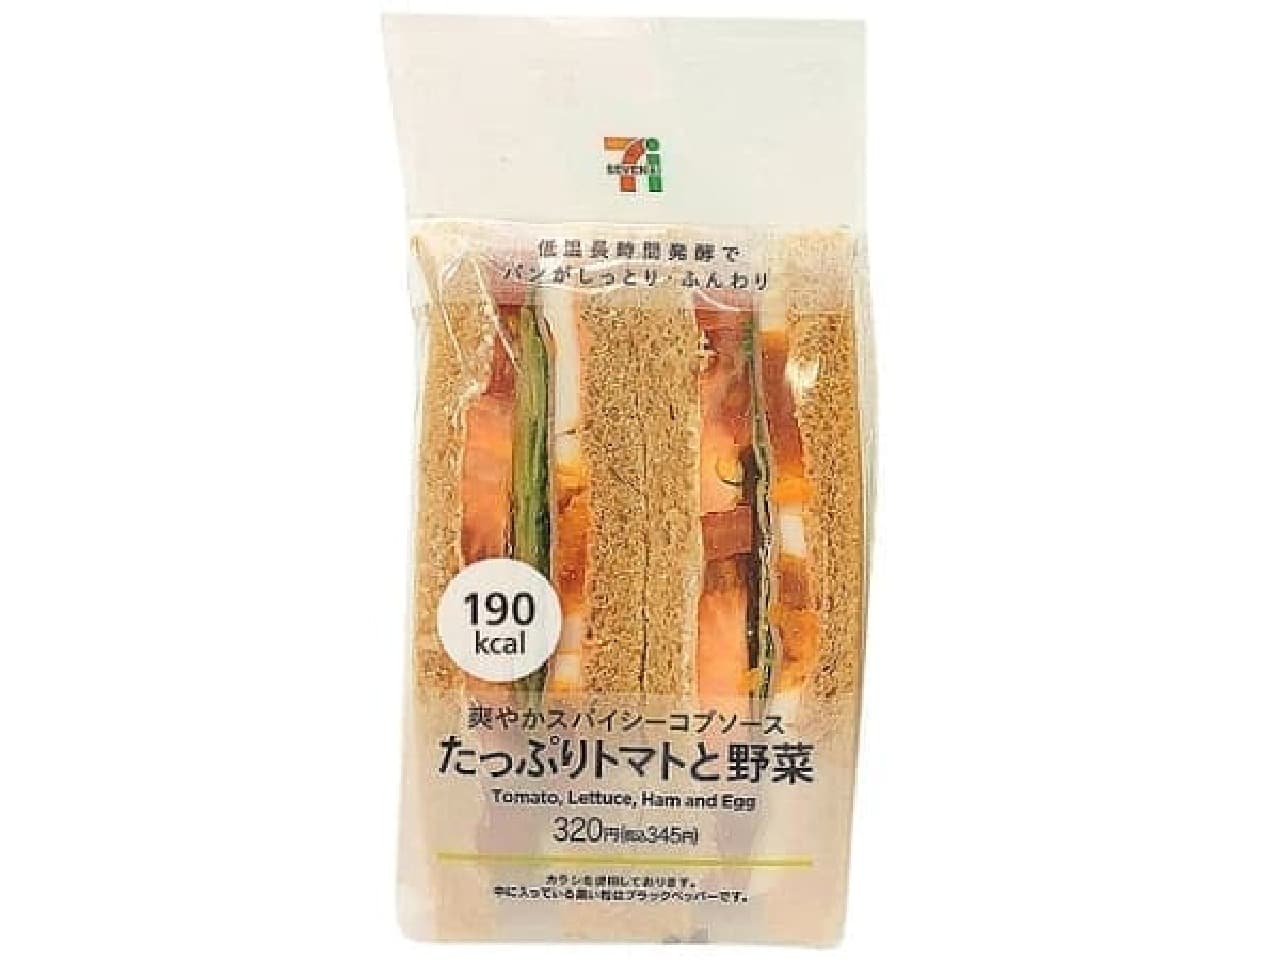 セブン-イレブン「たっぷりトマトの彩り野菜サンド」